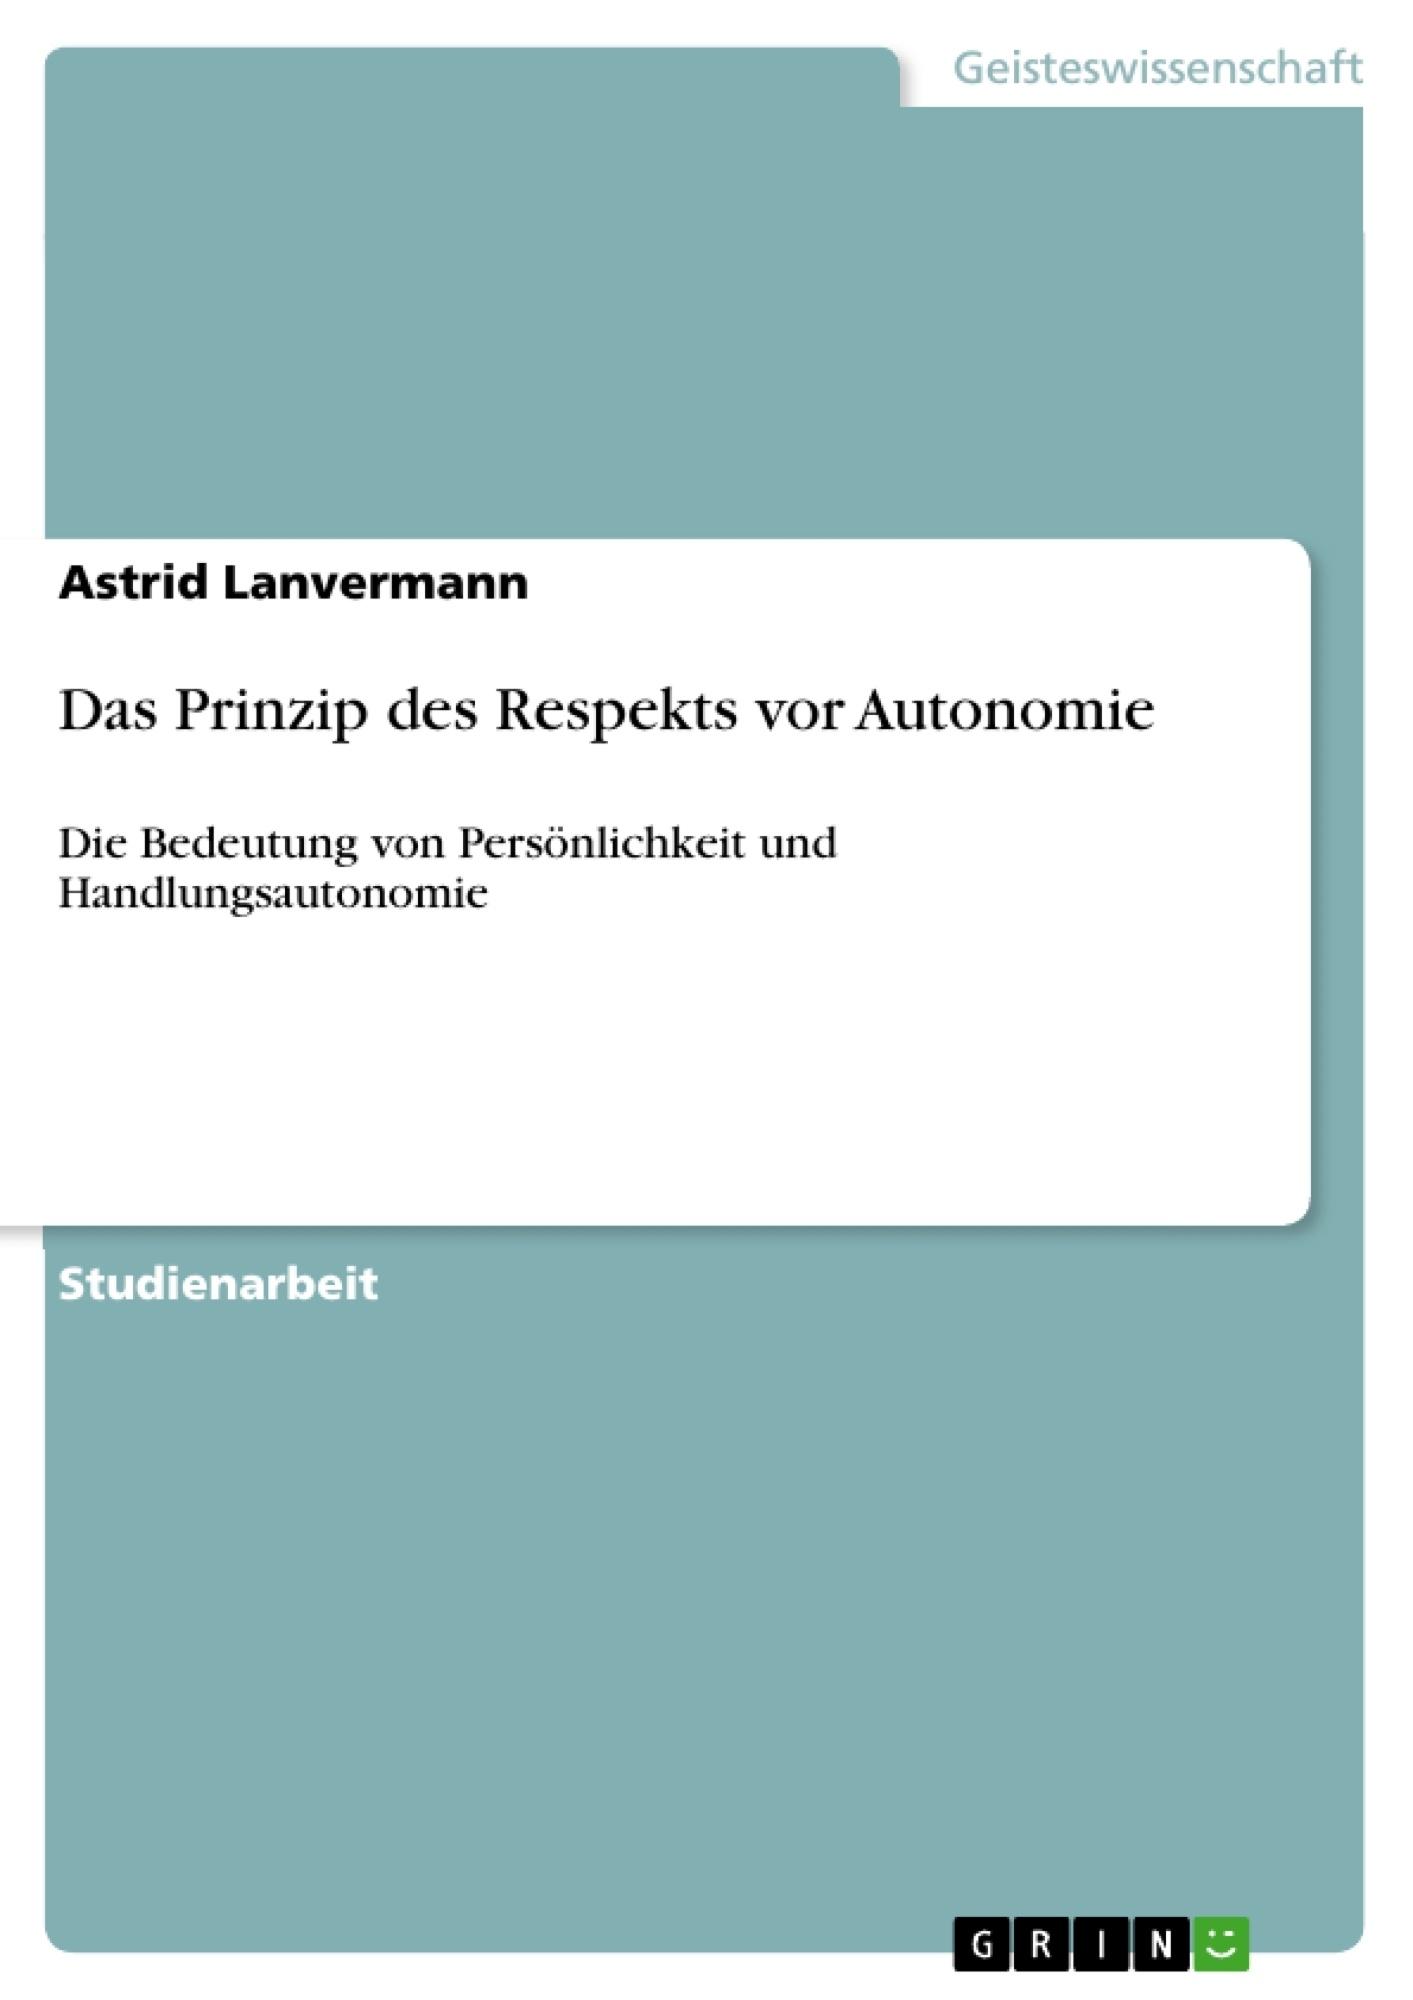 Titel: Das Prinzip des Respekts vor Autonomie